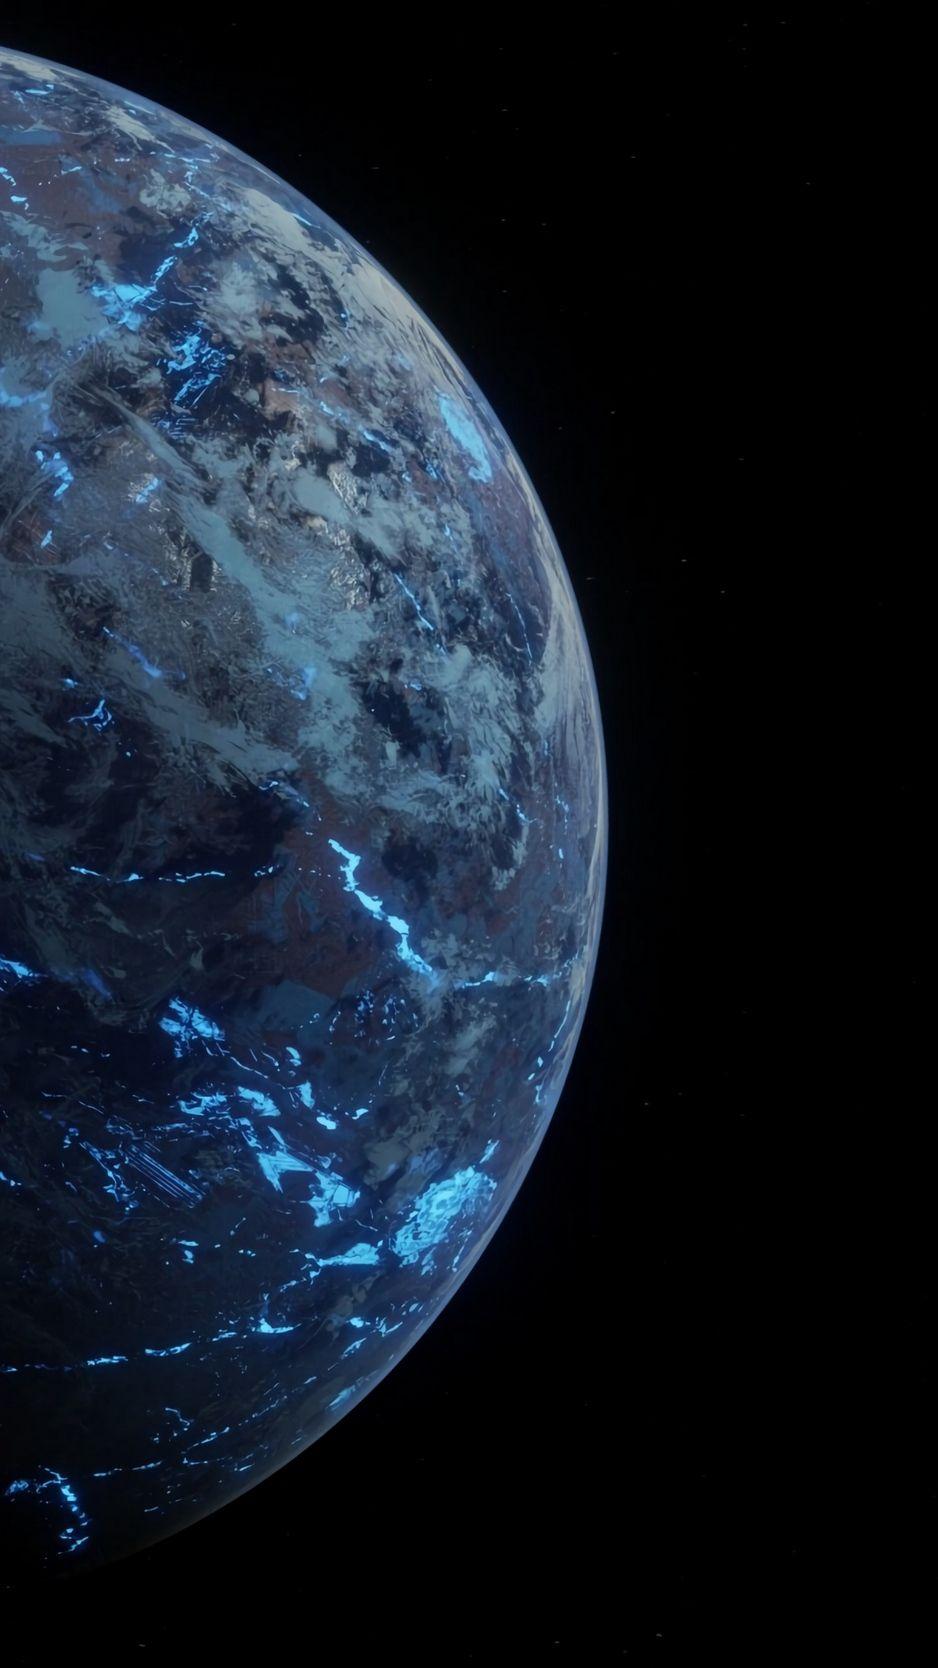 Скачать 938x1668 планета, сфера, поверхность, космос, темный обои, картинки iphone 8/7/6s/6 for parallax